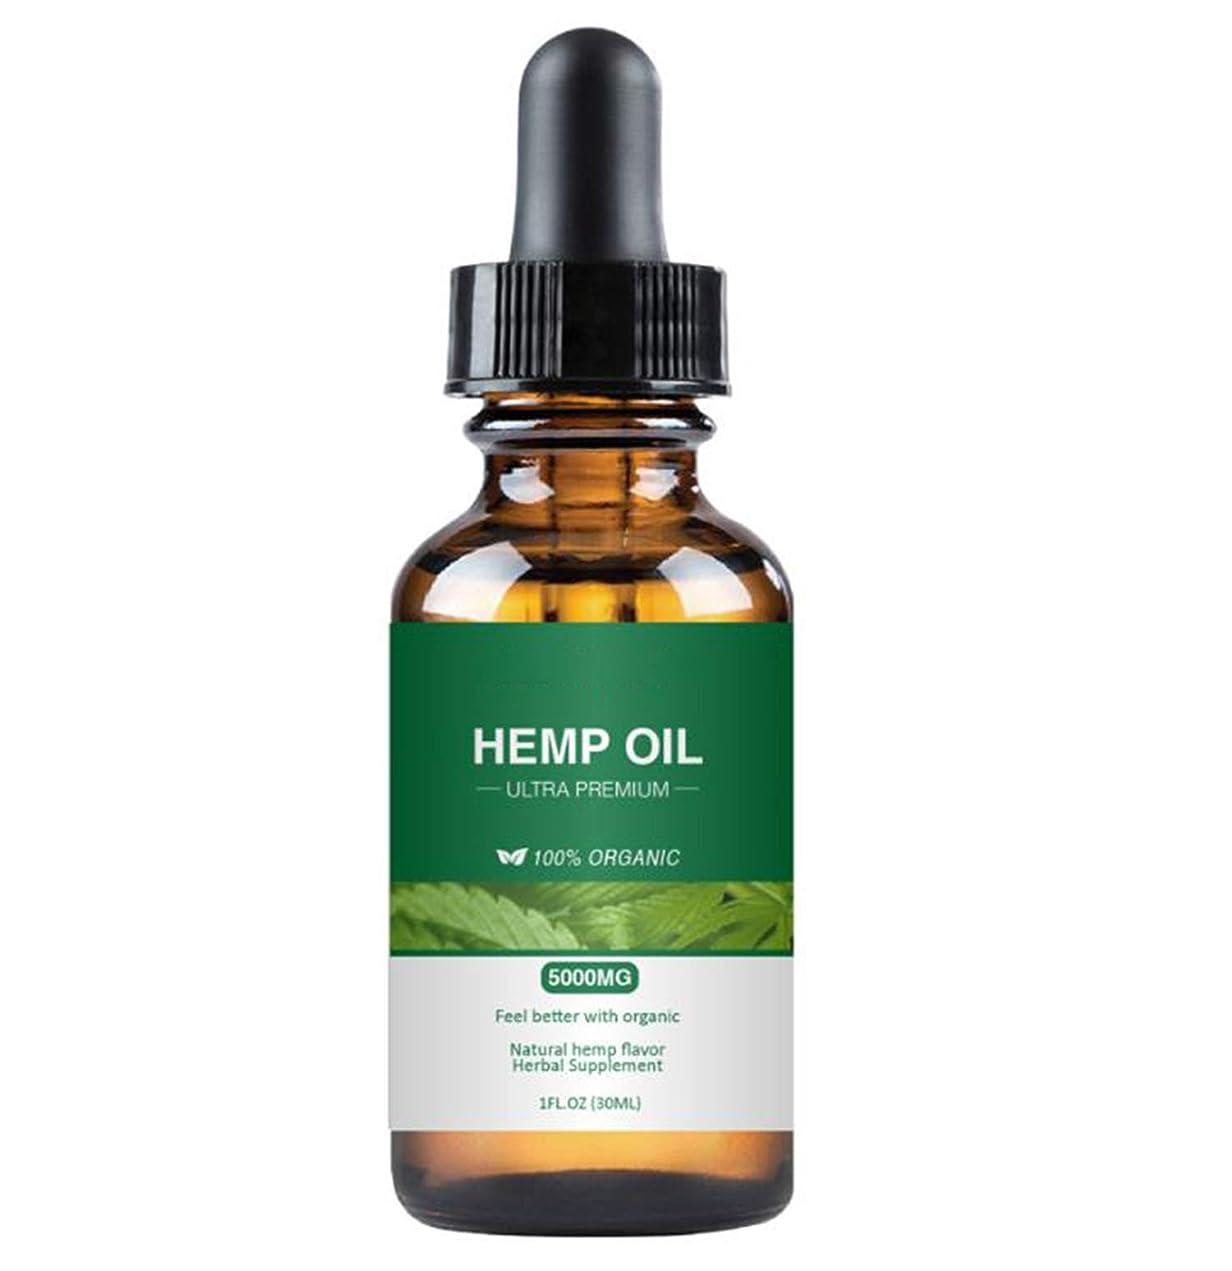 パトロン連想寛容な鎮痛のための有機麻オイル睡眠補助抗ストレス不安1000mg天然麻エキスが肌と髪に役立ちます (5000mg)